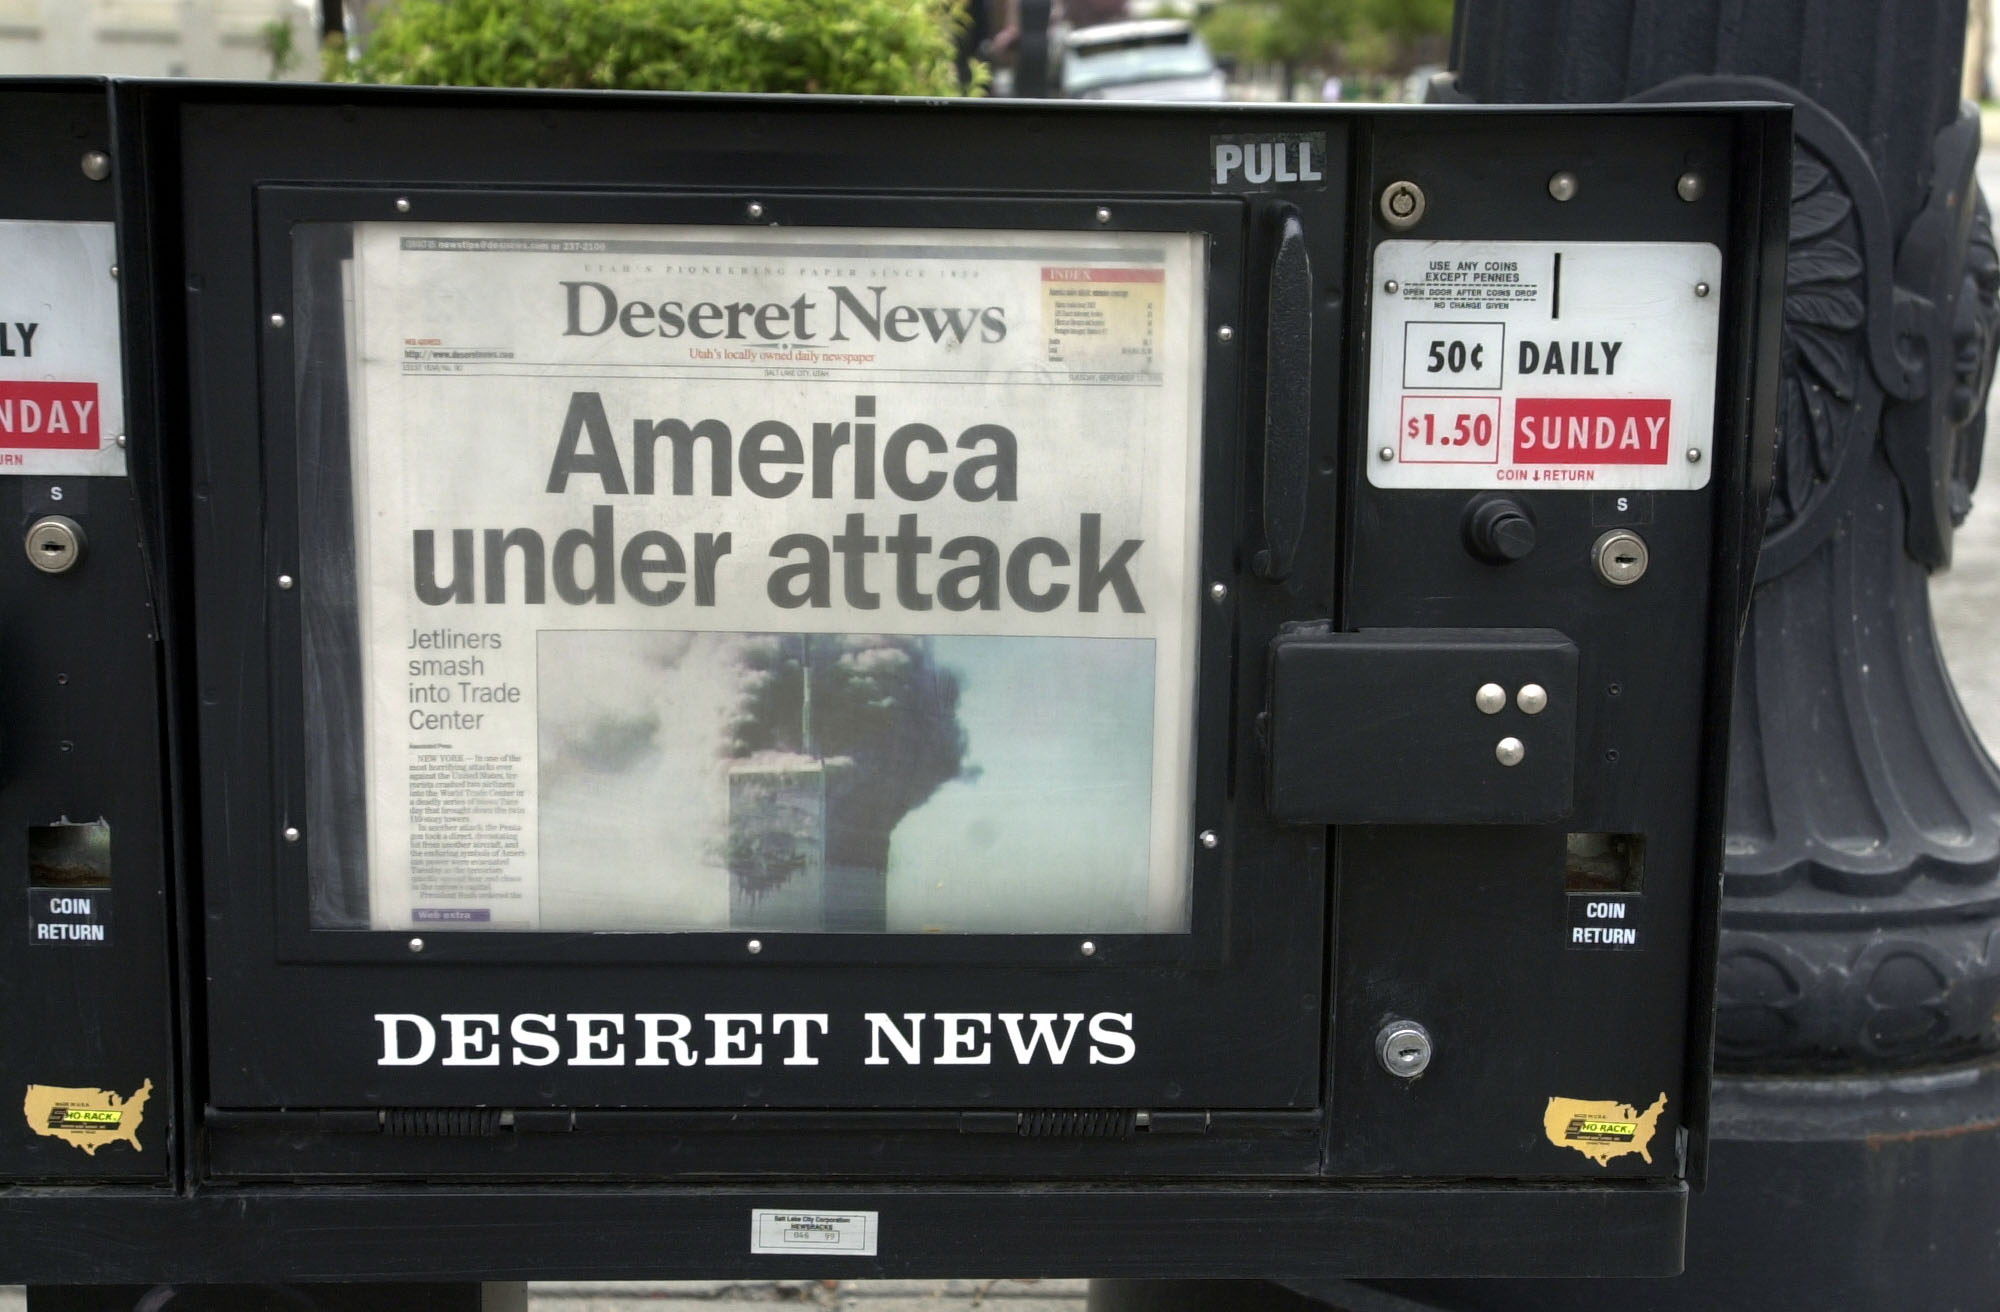 The Deseret News in news racks in Salt Lake City on Sept. 11, 2001.